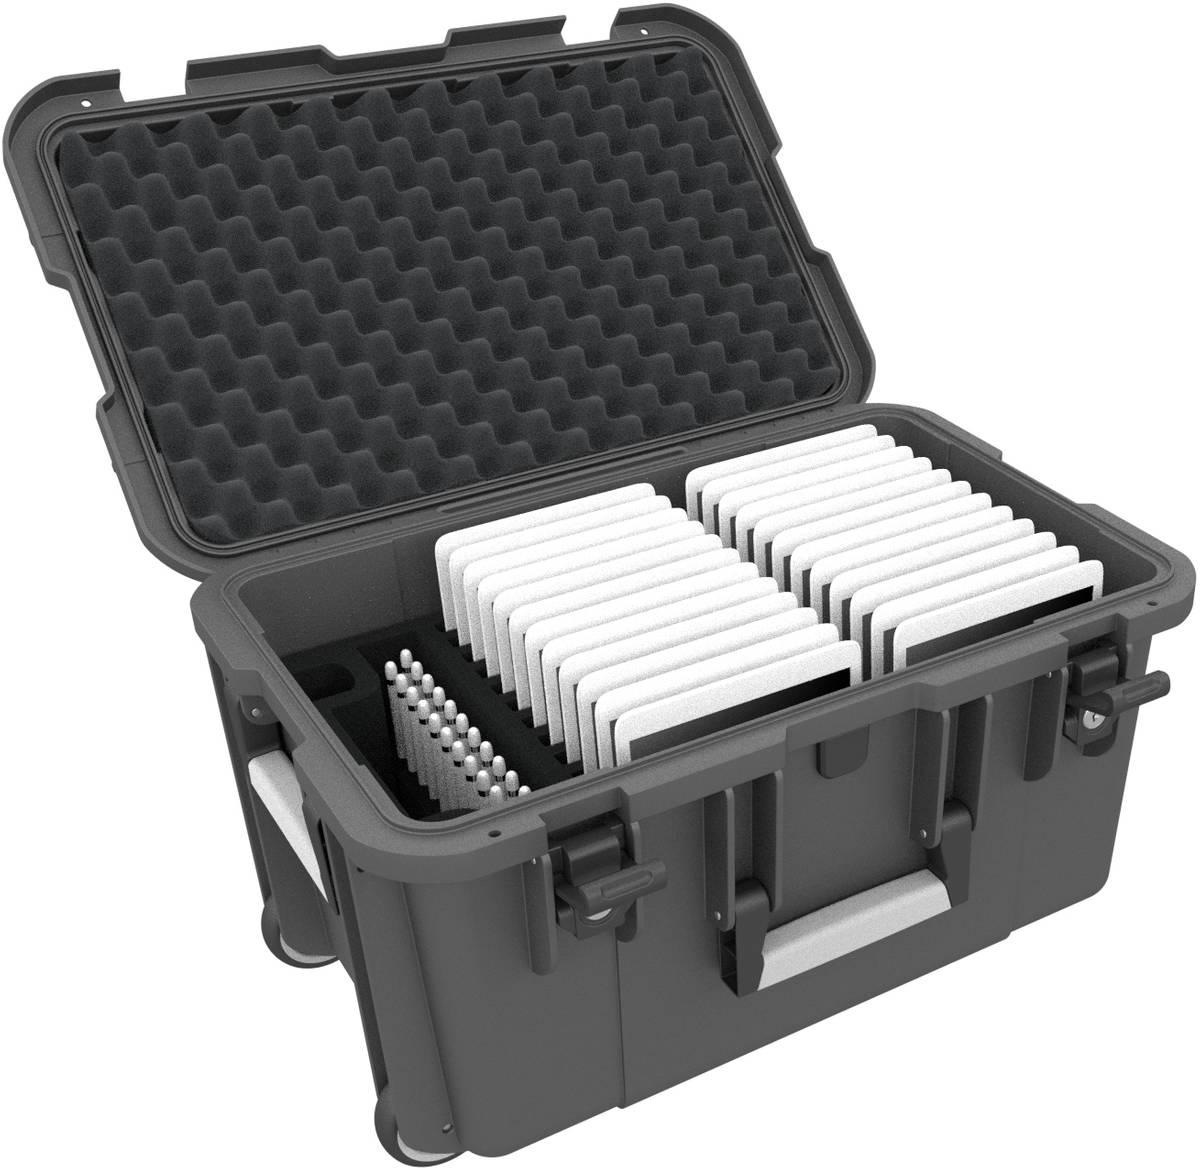 Koffer / Trolley für 24 Tablets in schmalen Hüllen - Fächer 14 mm breit - extra Pencil Halter - kompatibel mit Apple iPad, Samsung Galaxy Tab A oder Microsoft Surface Go - anthrazit